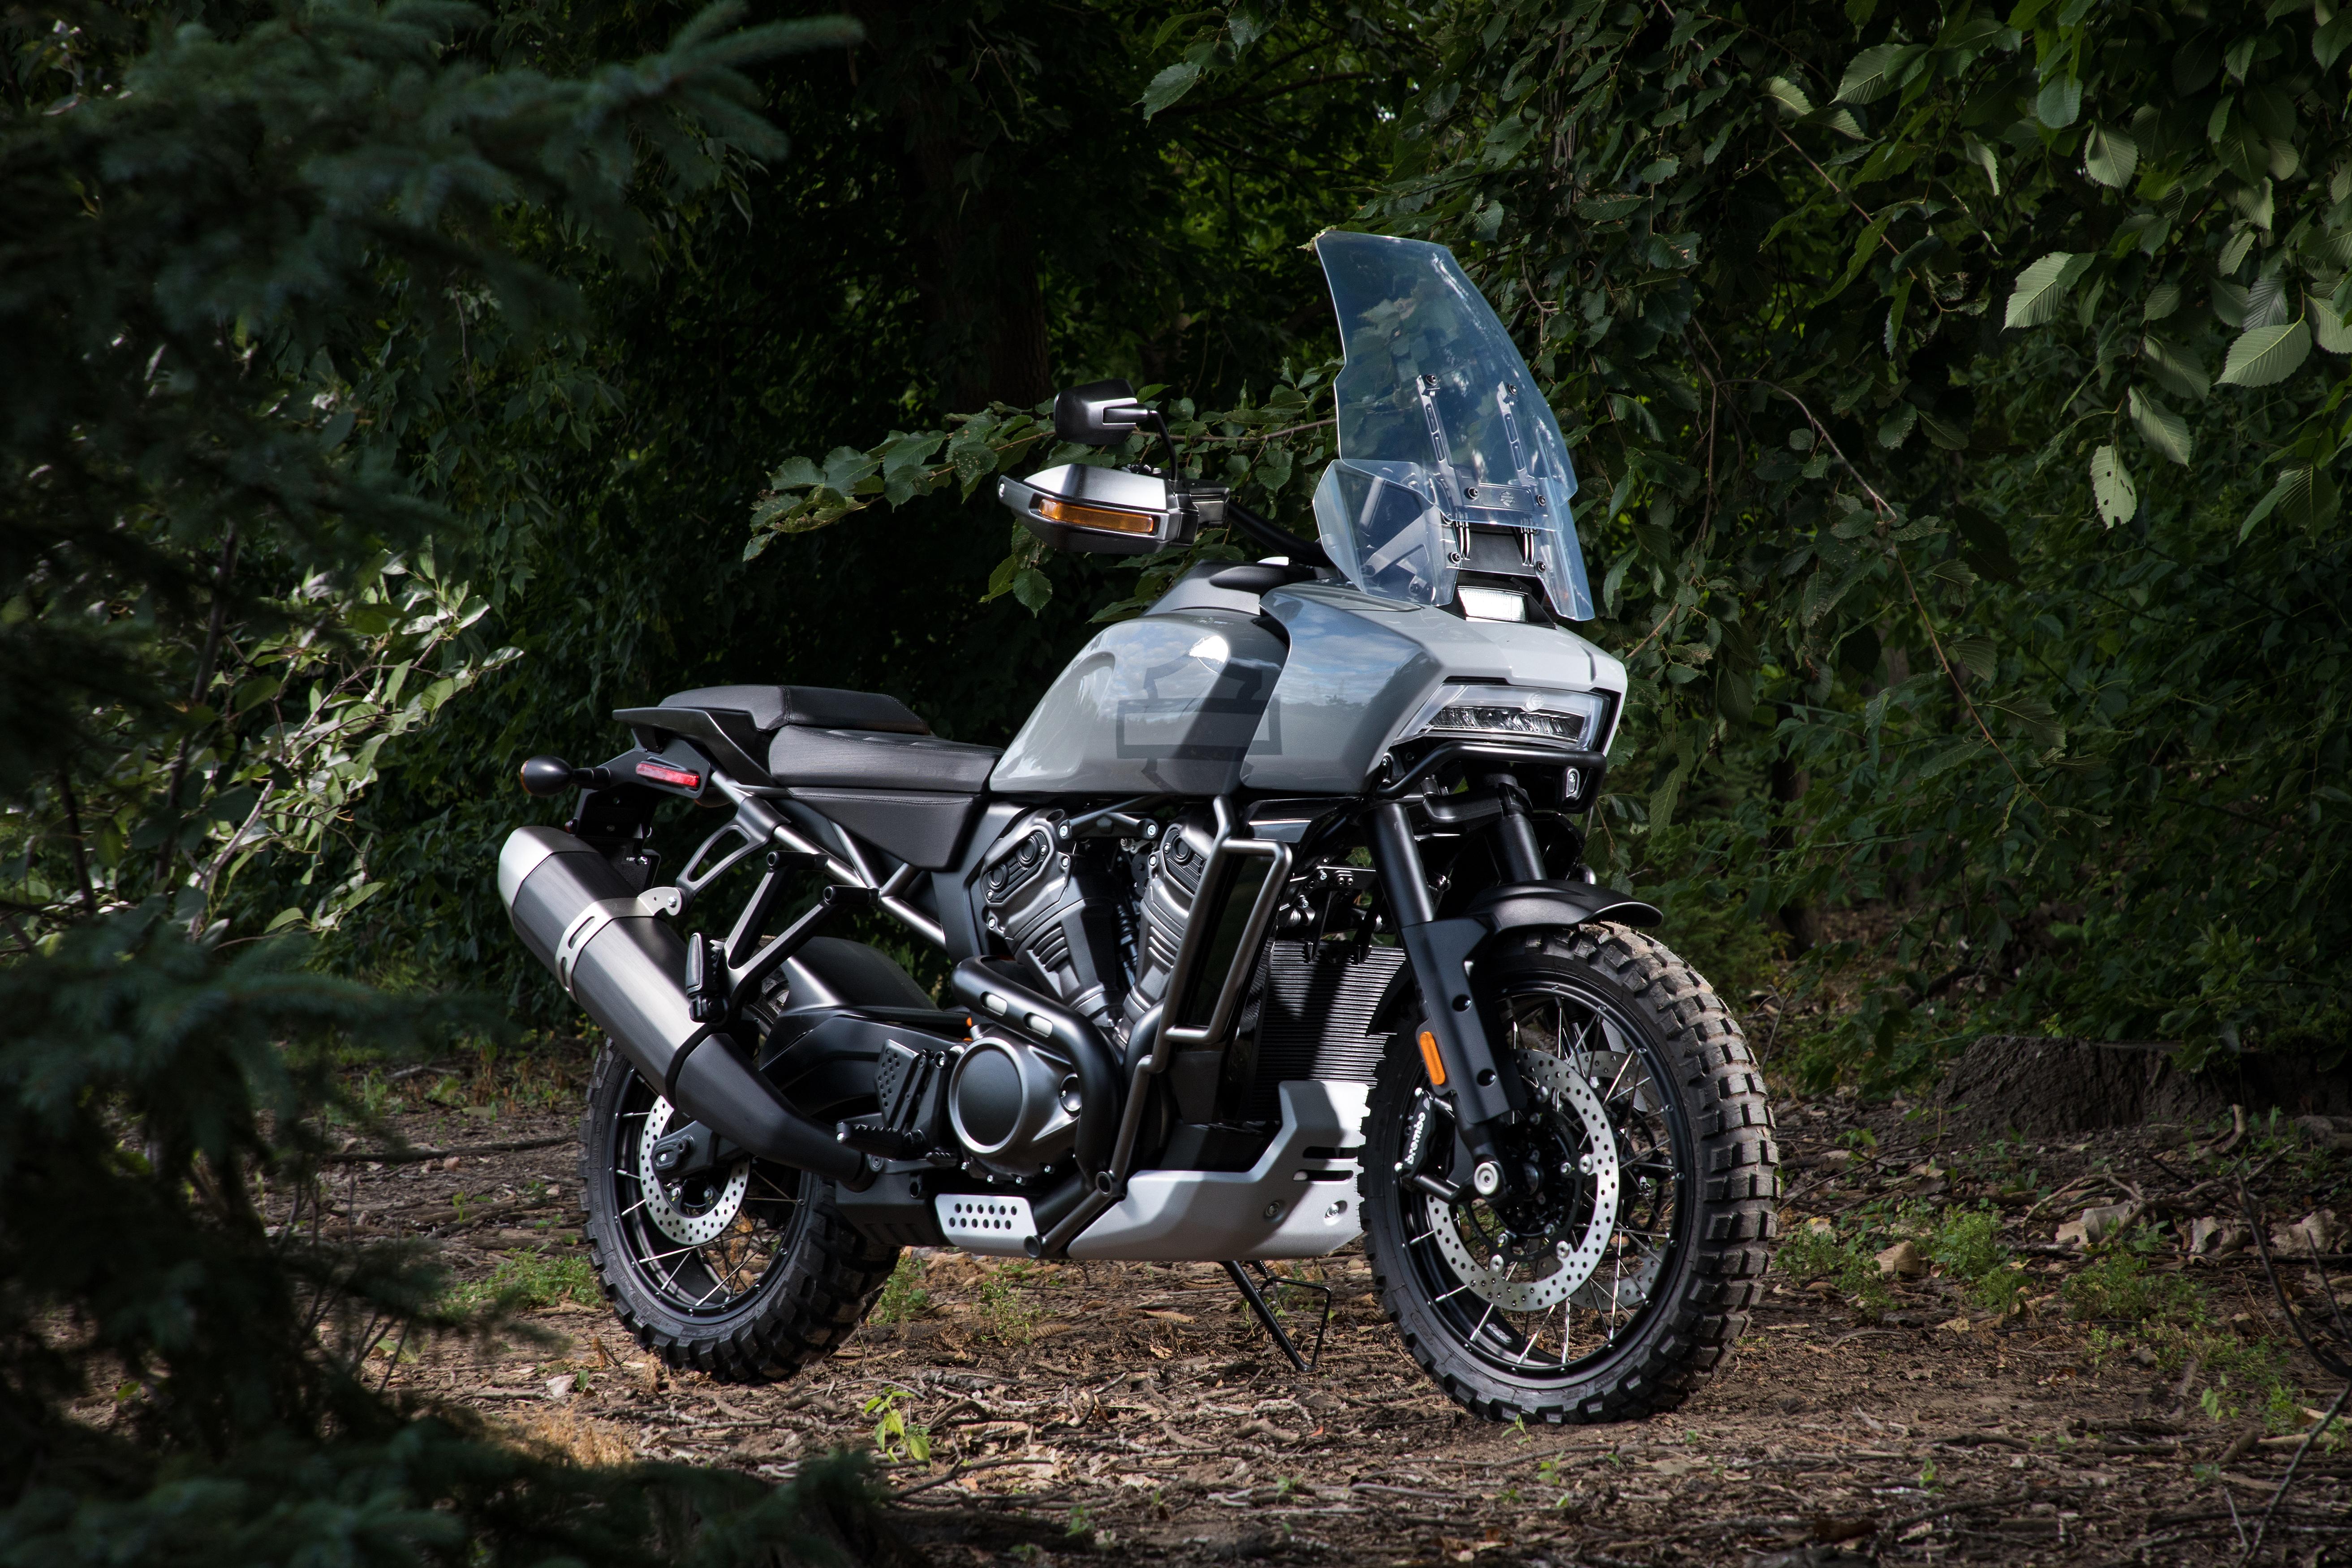 2020 Harley-Davidson Pan America - More Roads to Harley-Davidson